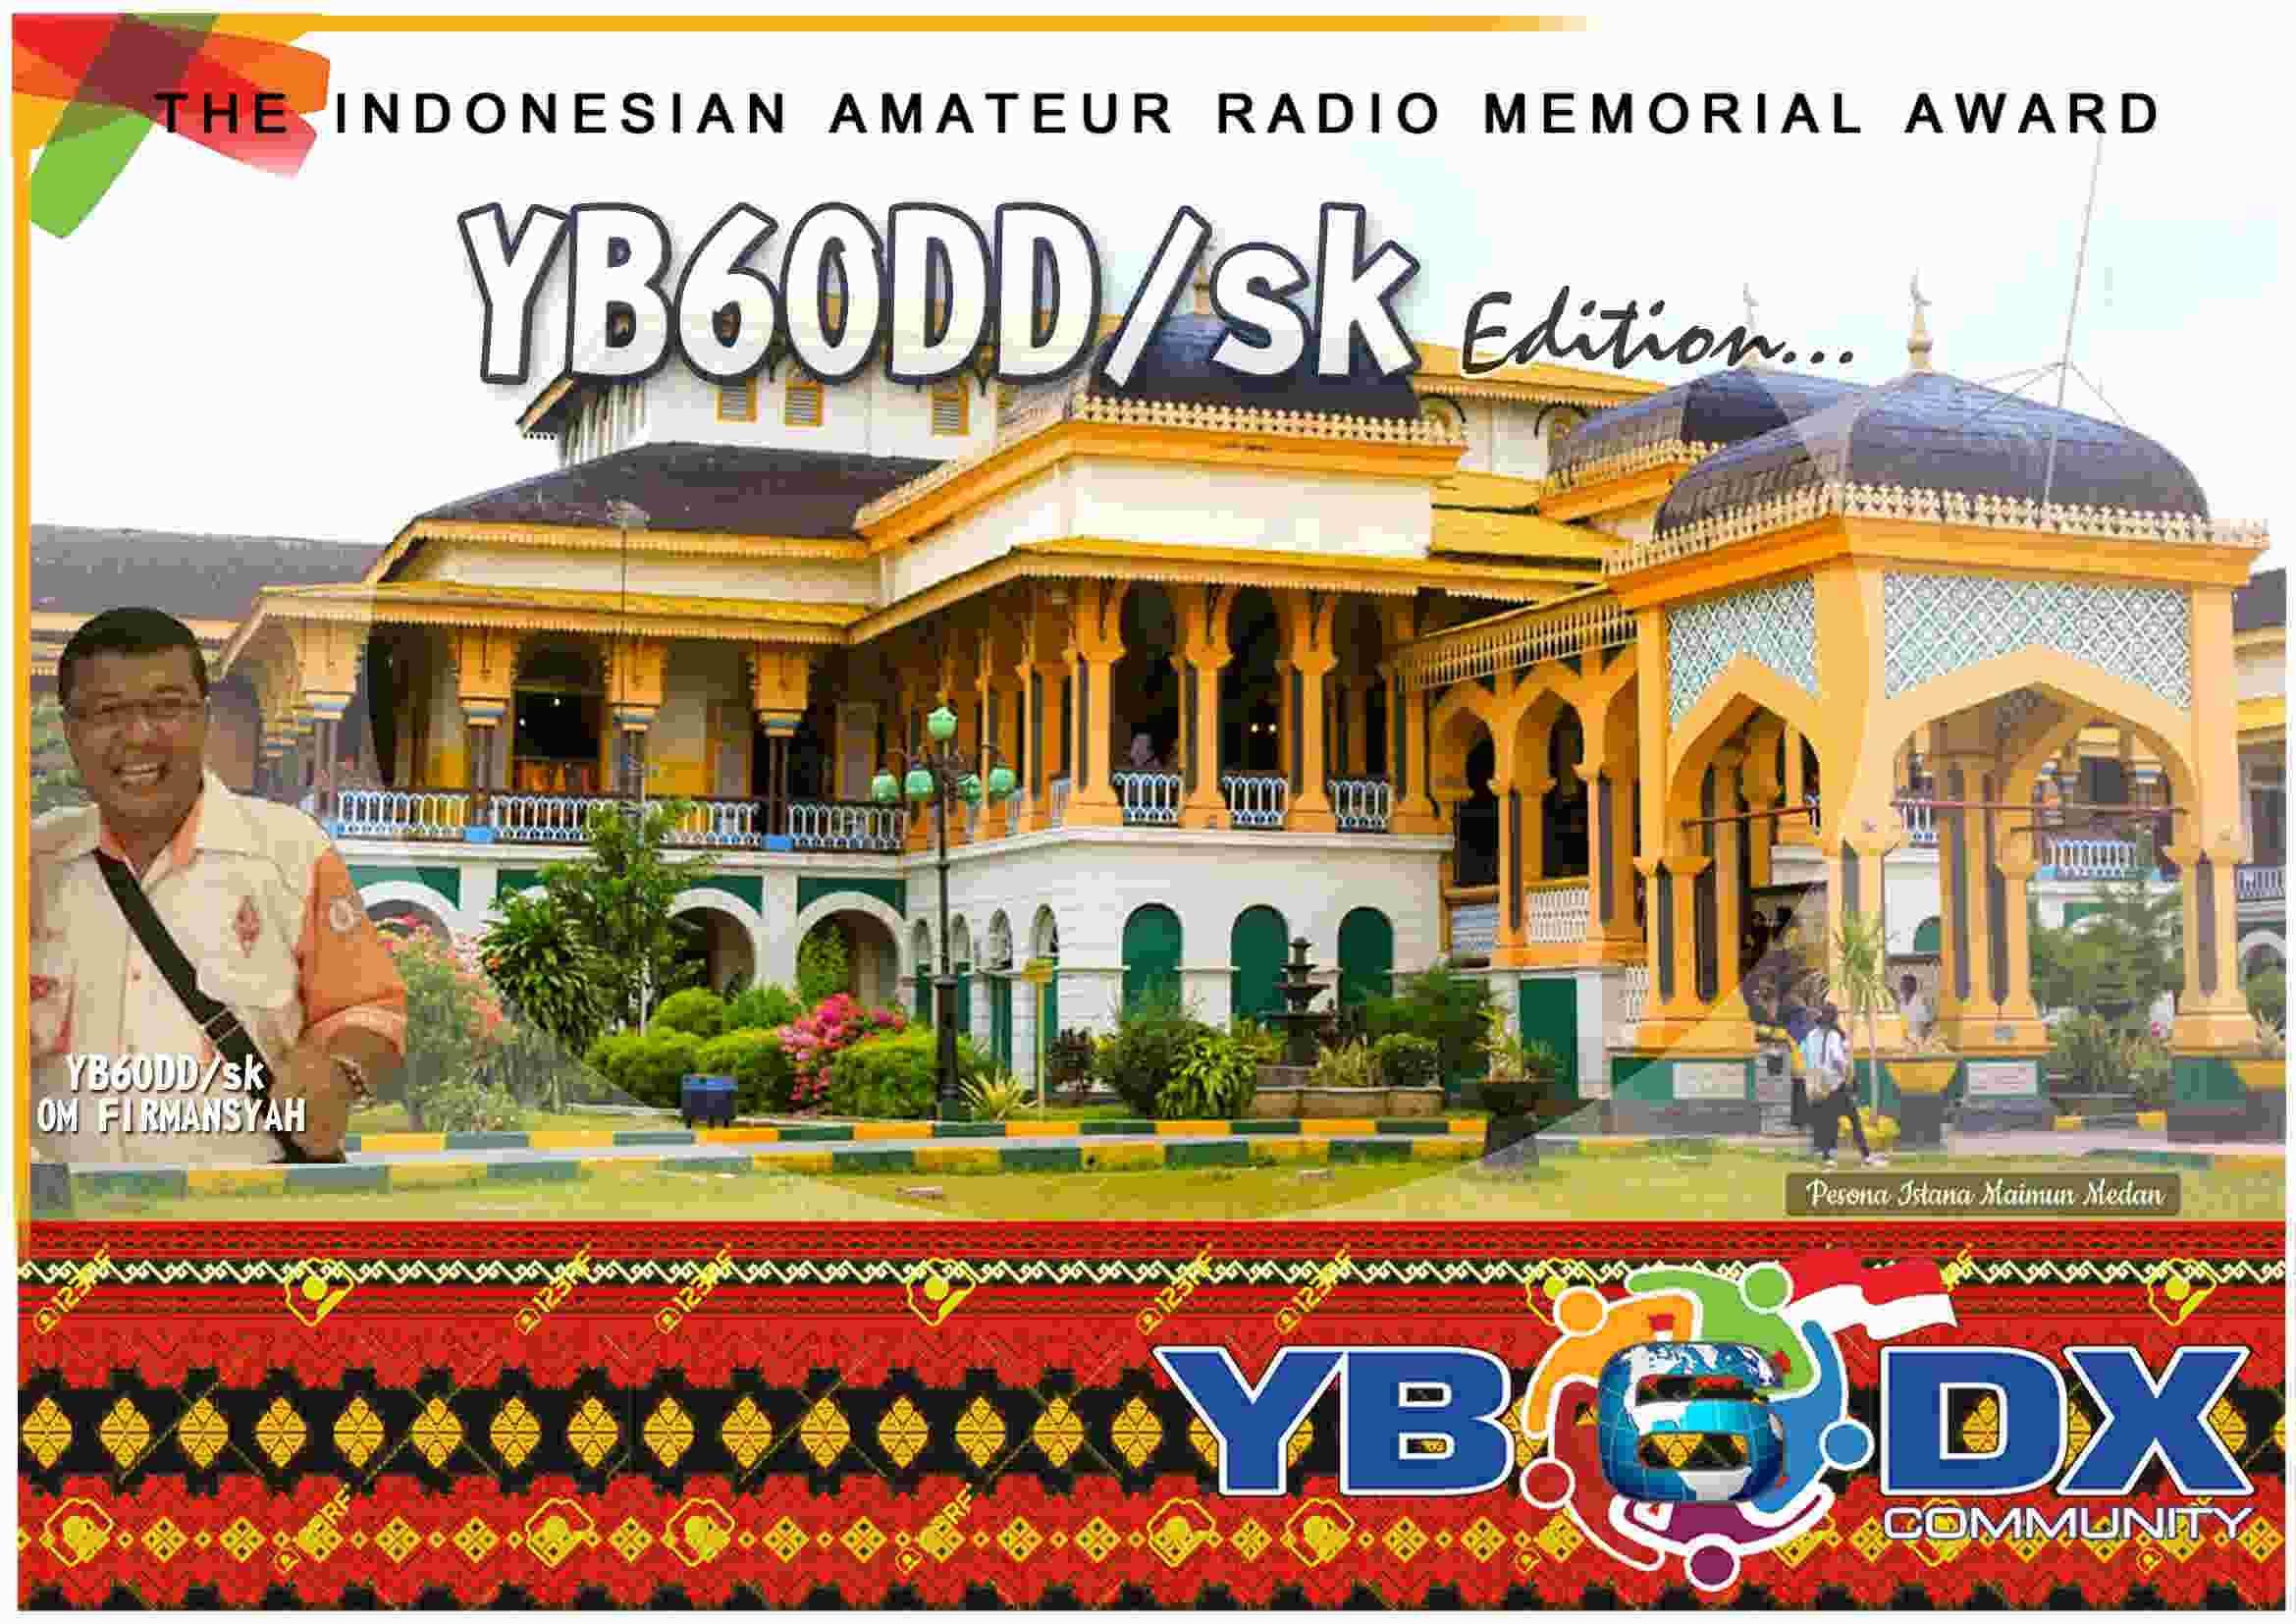 YB6ODD/sk THE IARMA